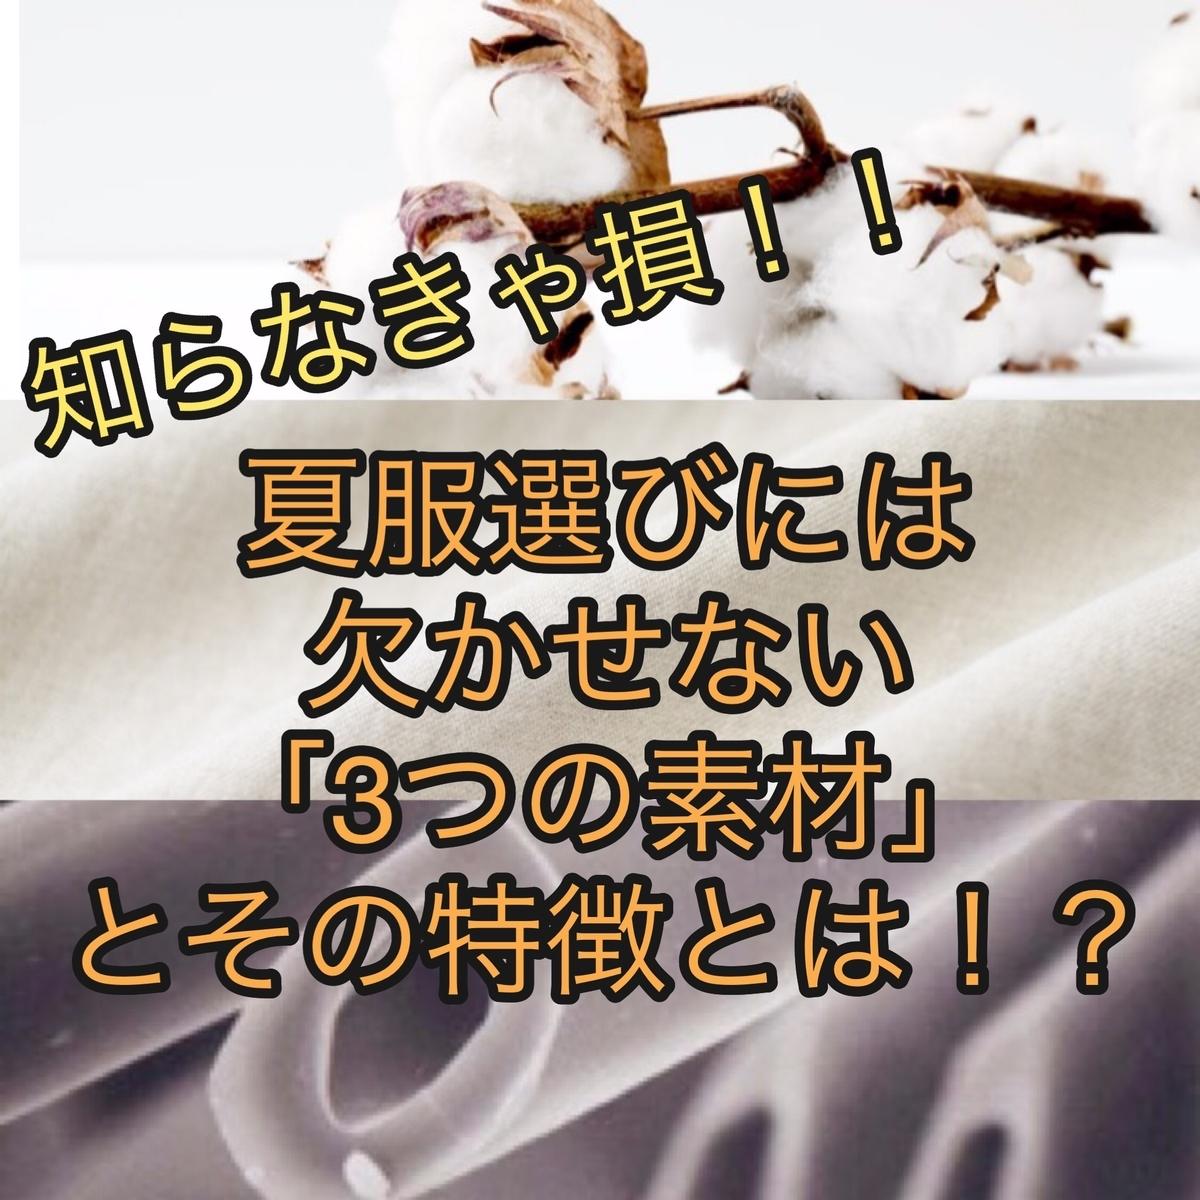 f:id:MzandD:20200527044223j:plain